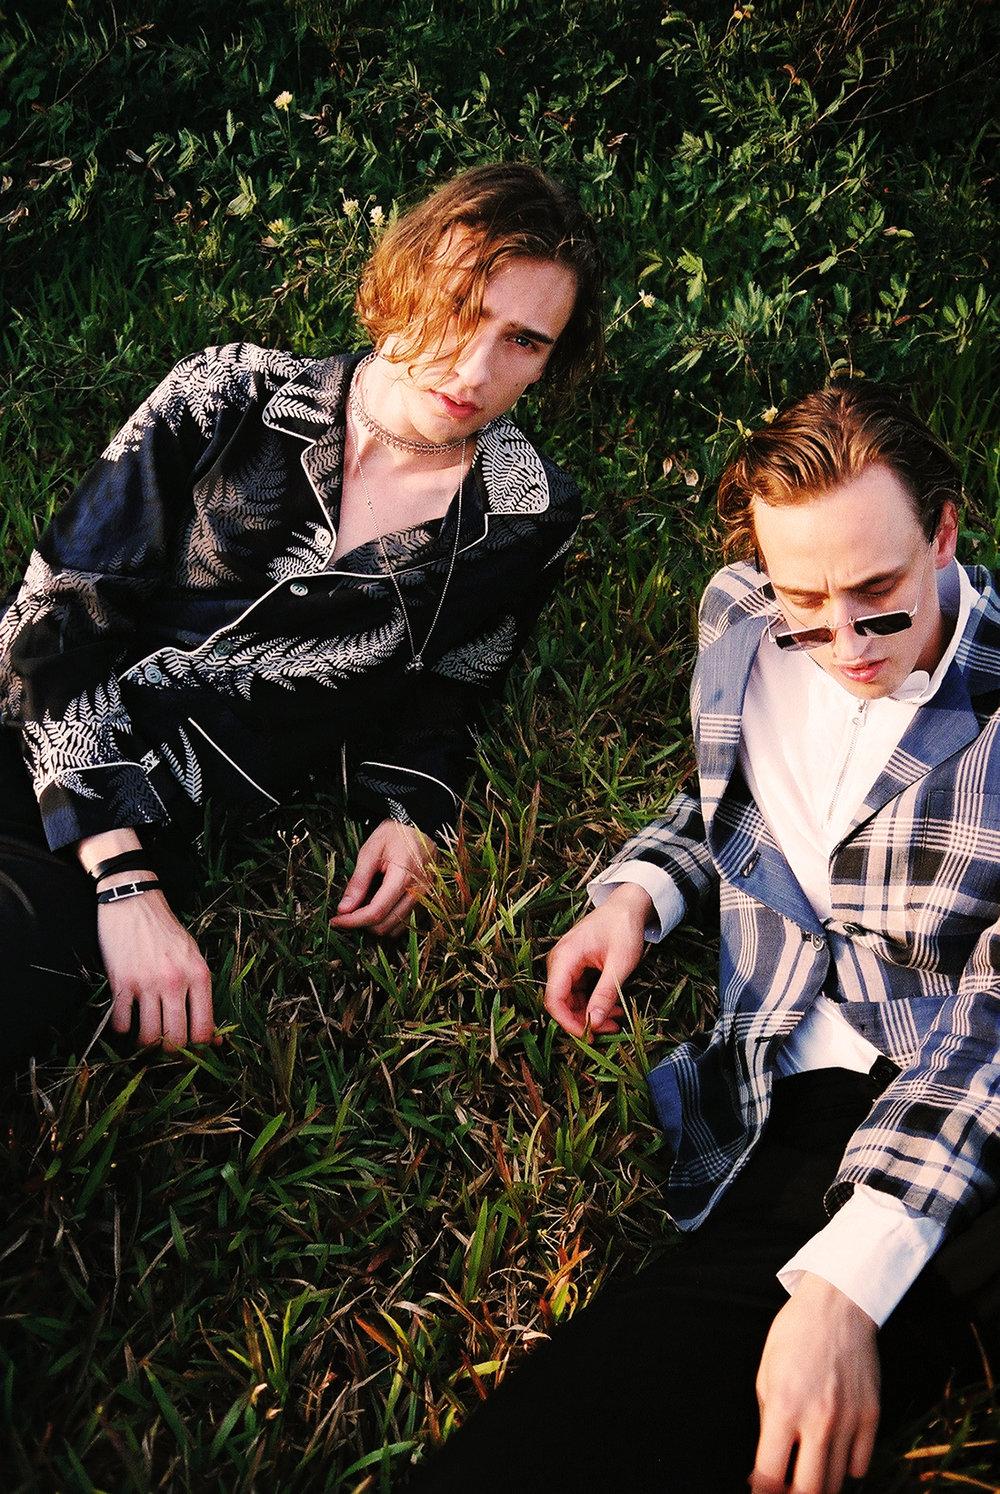 Juxju_Lips-Brothers-6.JPG